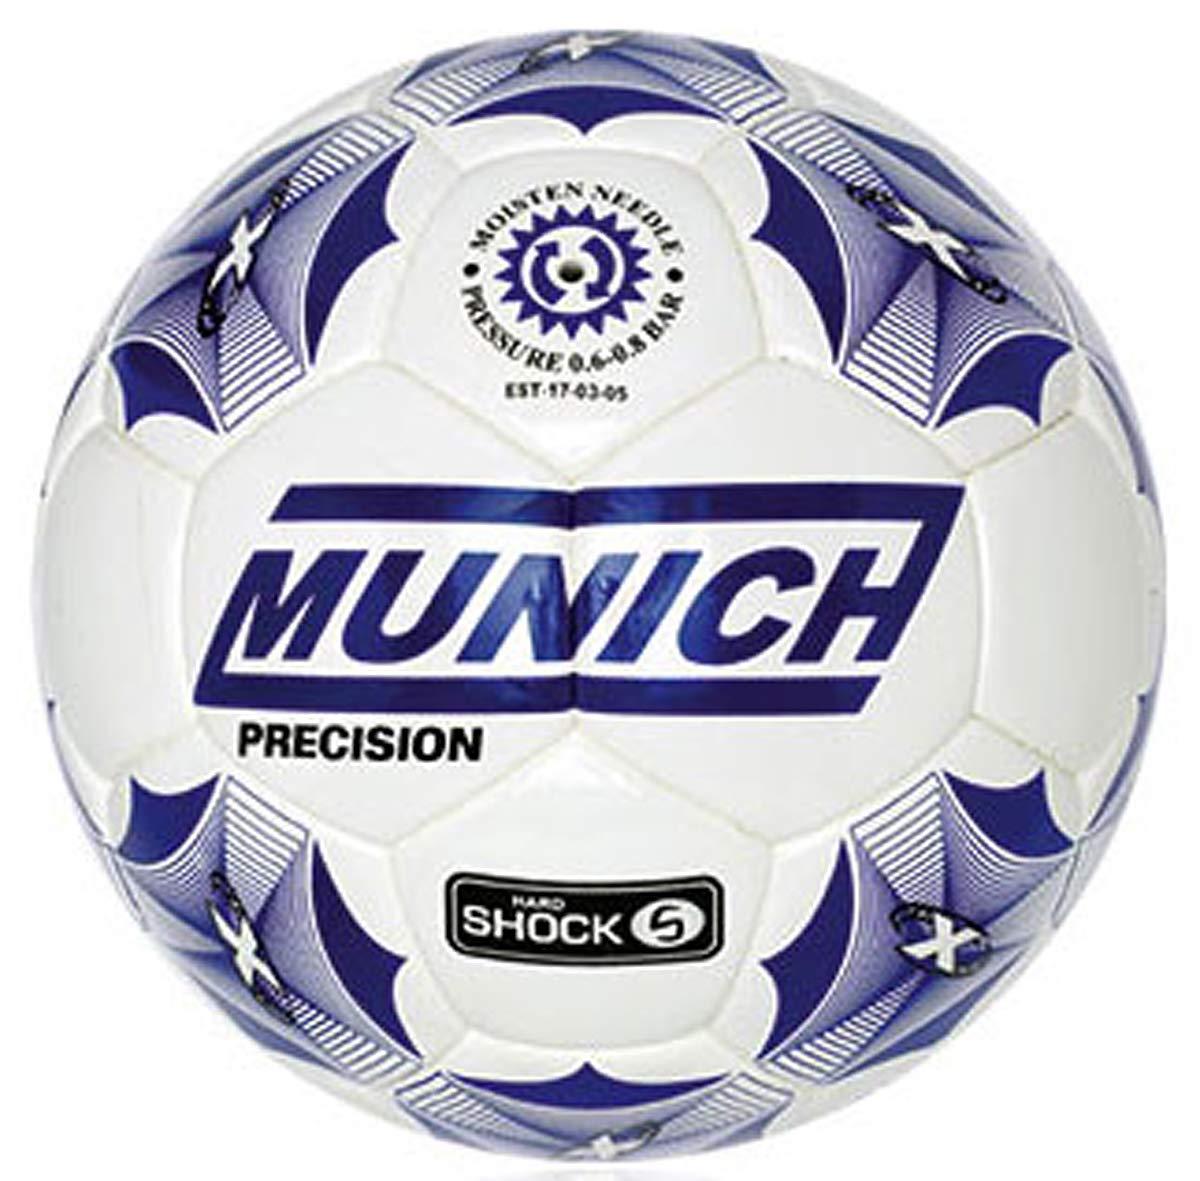 Munich 5002036 Balón, Blanco, 5: Amazon.es: Deportes y aire libre